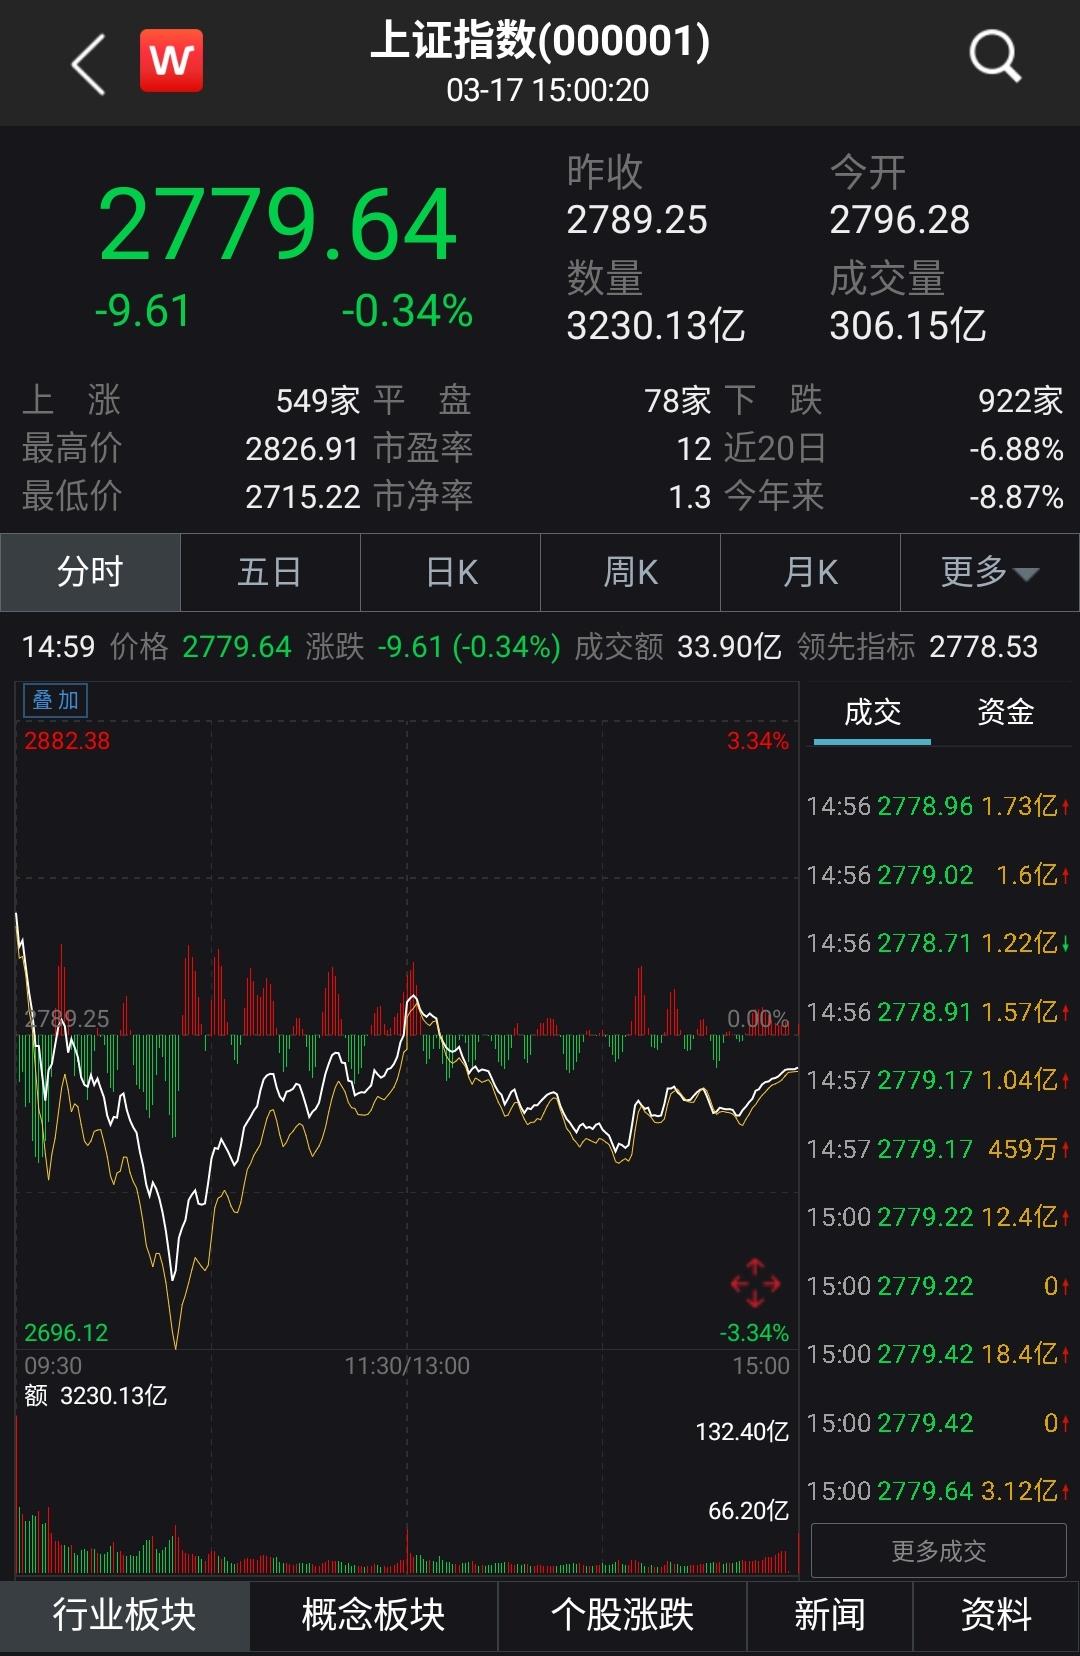 三大股指集体拉升翻红 A股彰显出全球暴跌中配置价值